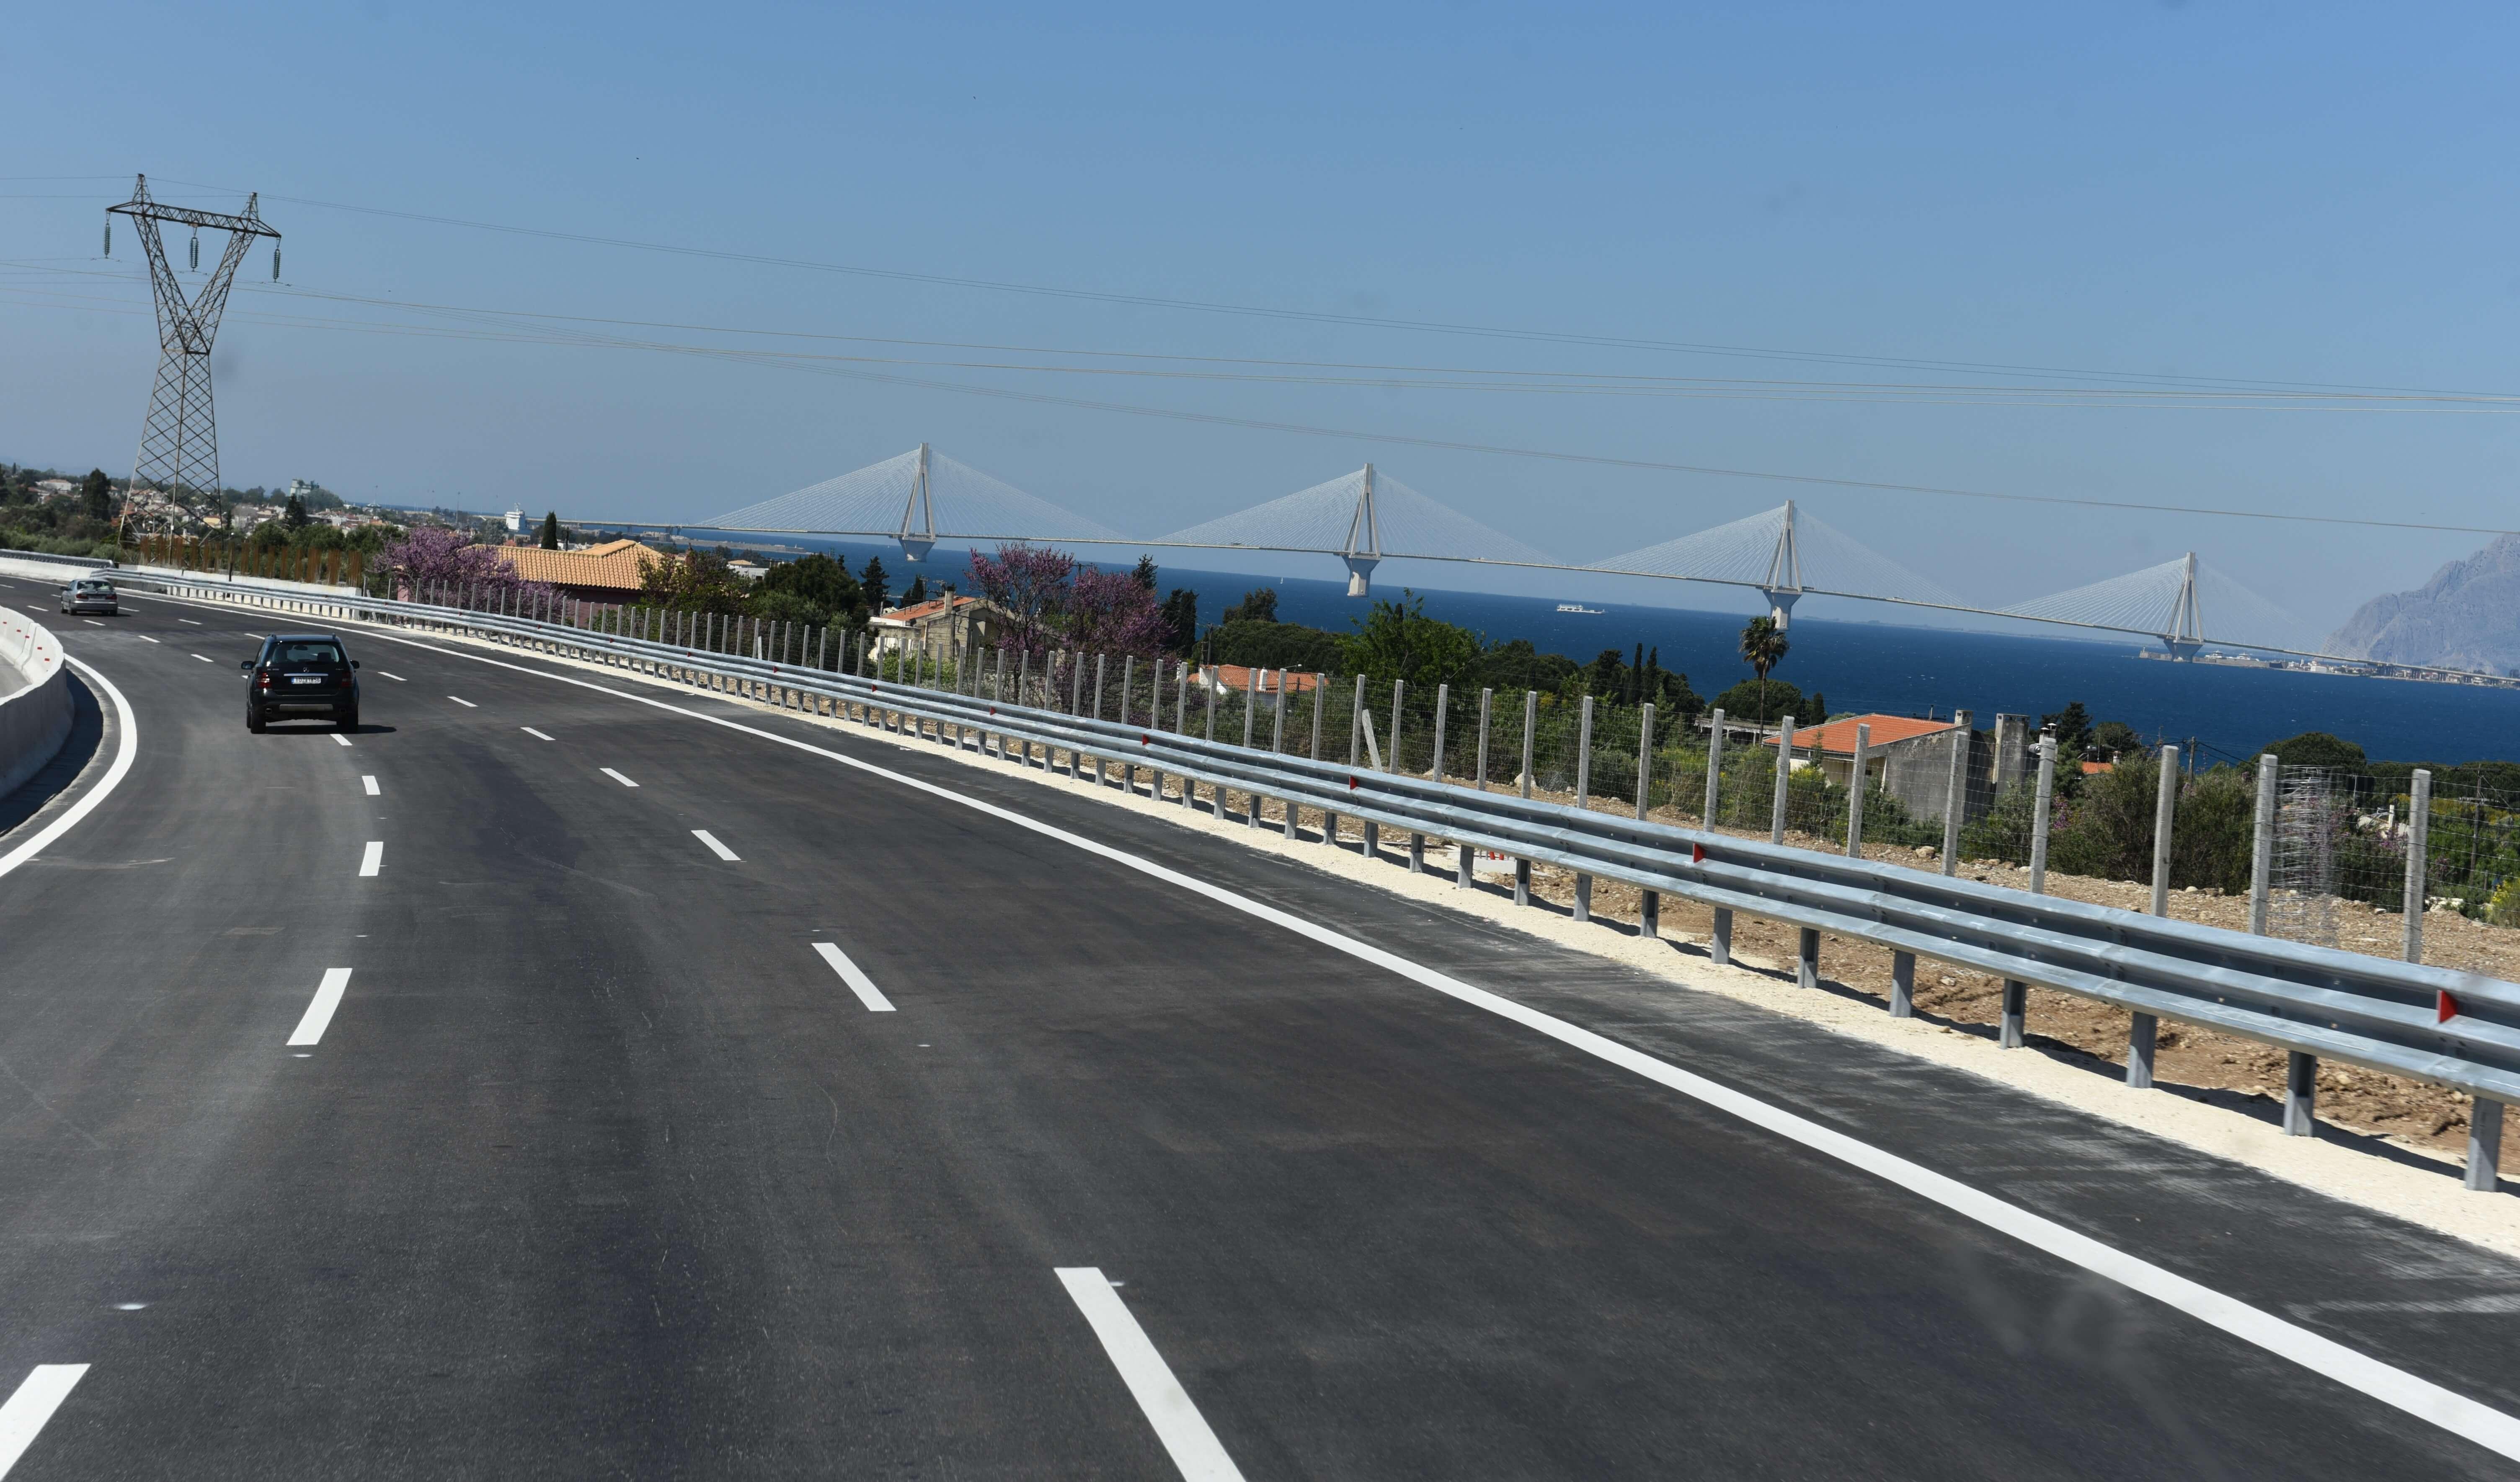 """Πάτρα: """"Μεταμορφώνουν"""" την εθνική οδό προς Πύργο – Τα έργα που βρίσκονται σε εξέλιξη!"""